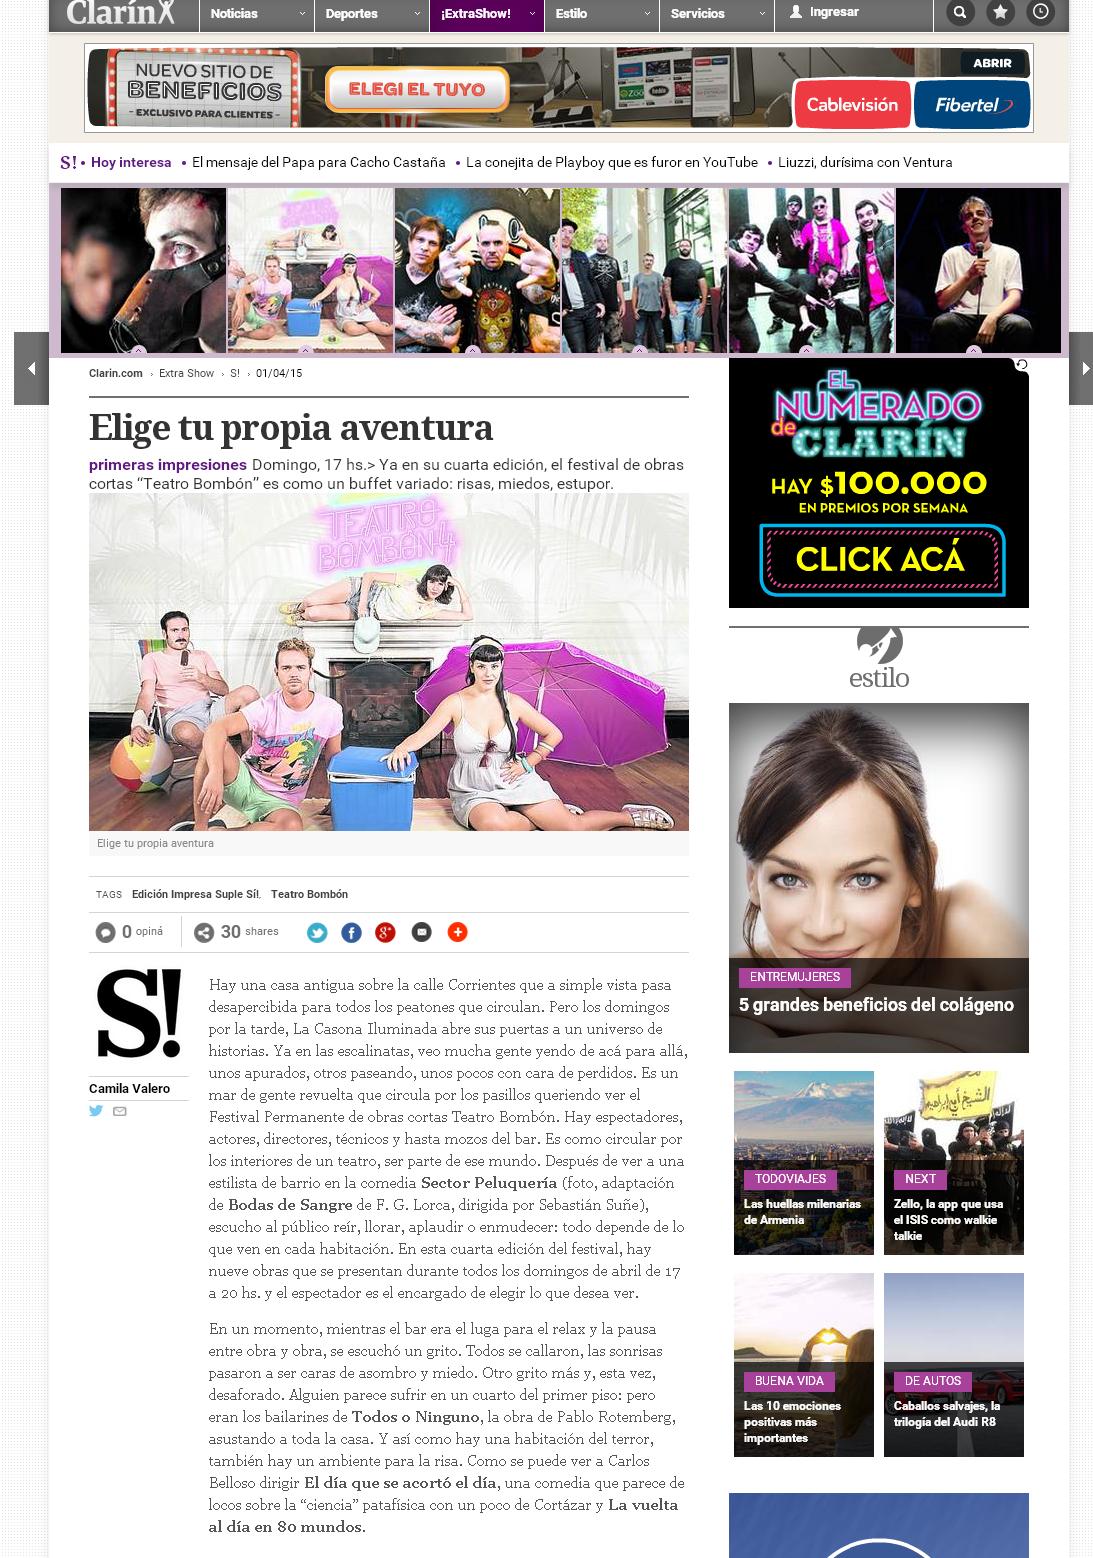 _Clarin_Suple_S+¡_-_Cr+¡tica_Camila_Valero_-_Elige_tu_propia_aventura